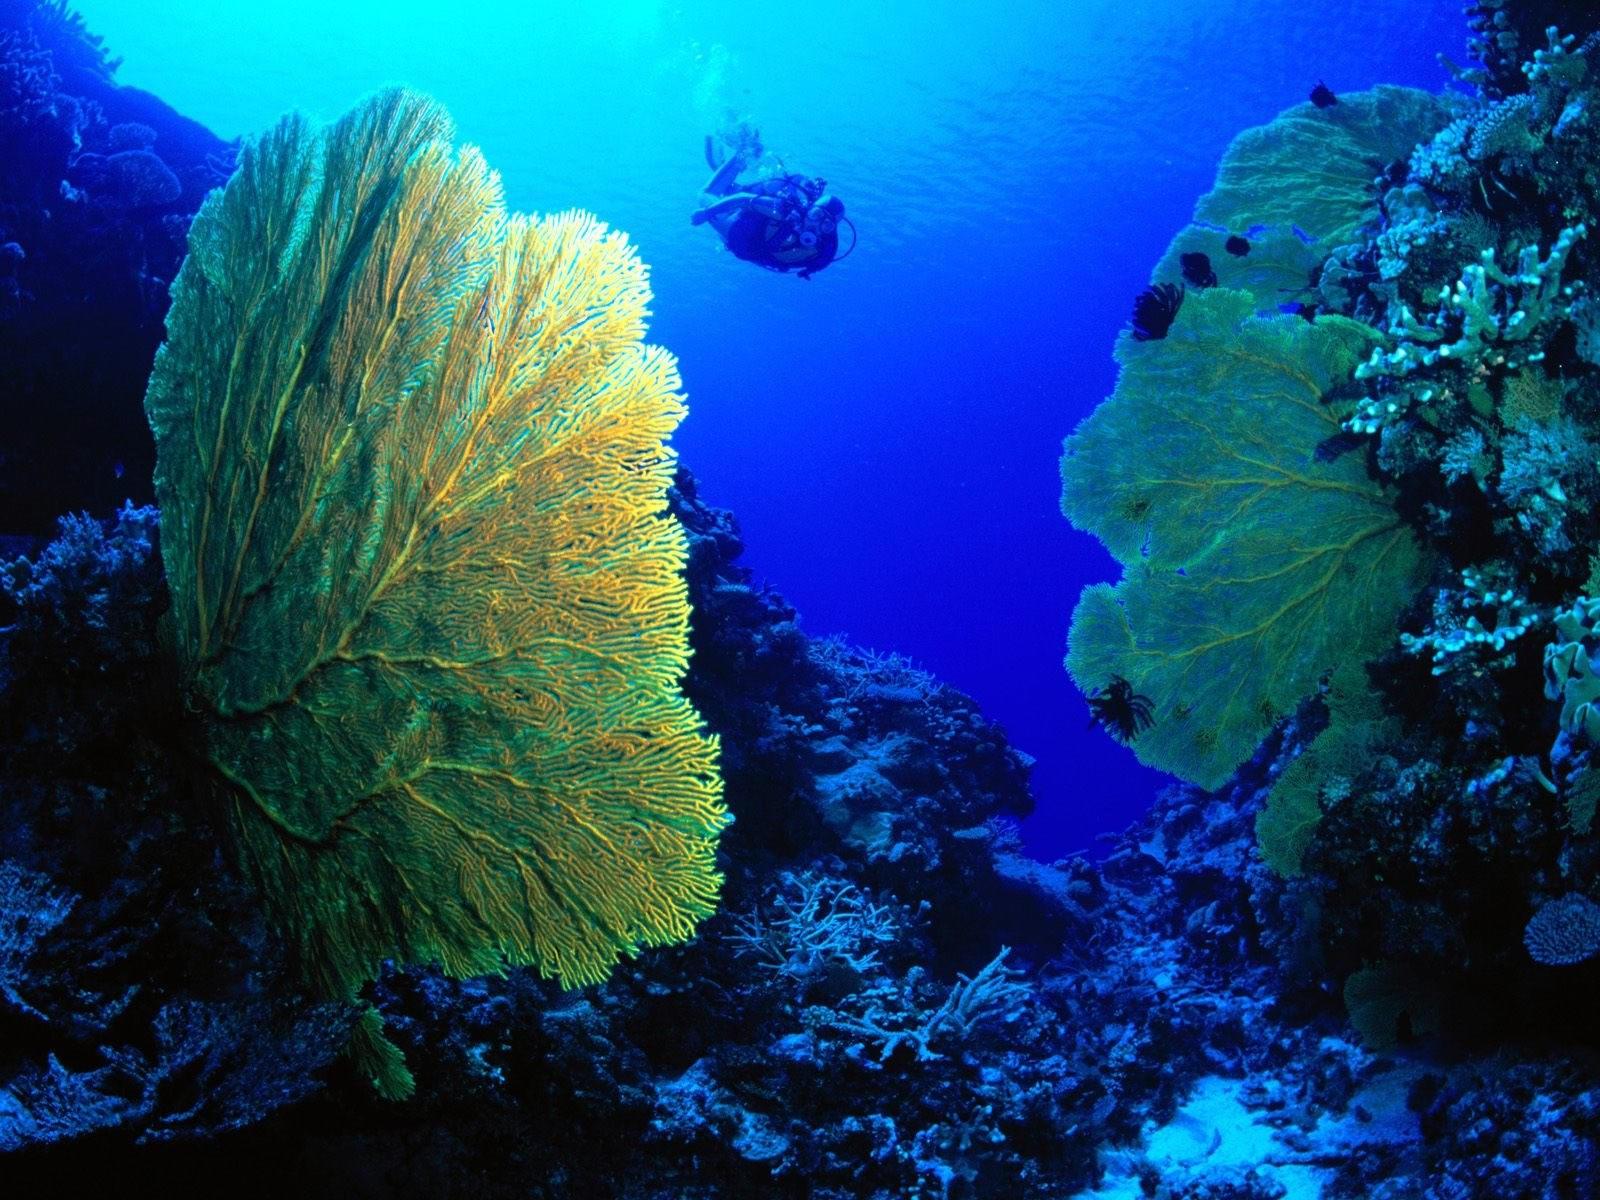 Дайвинг на дне океана